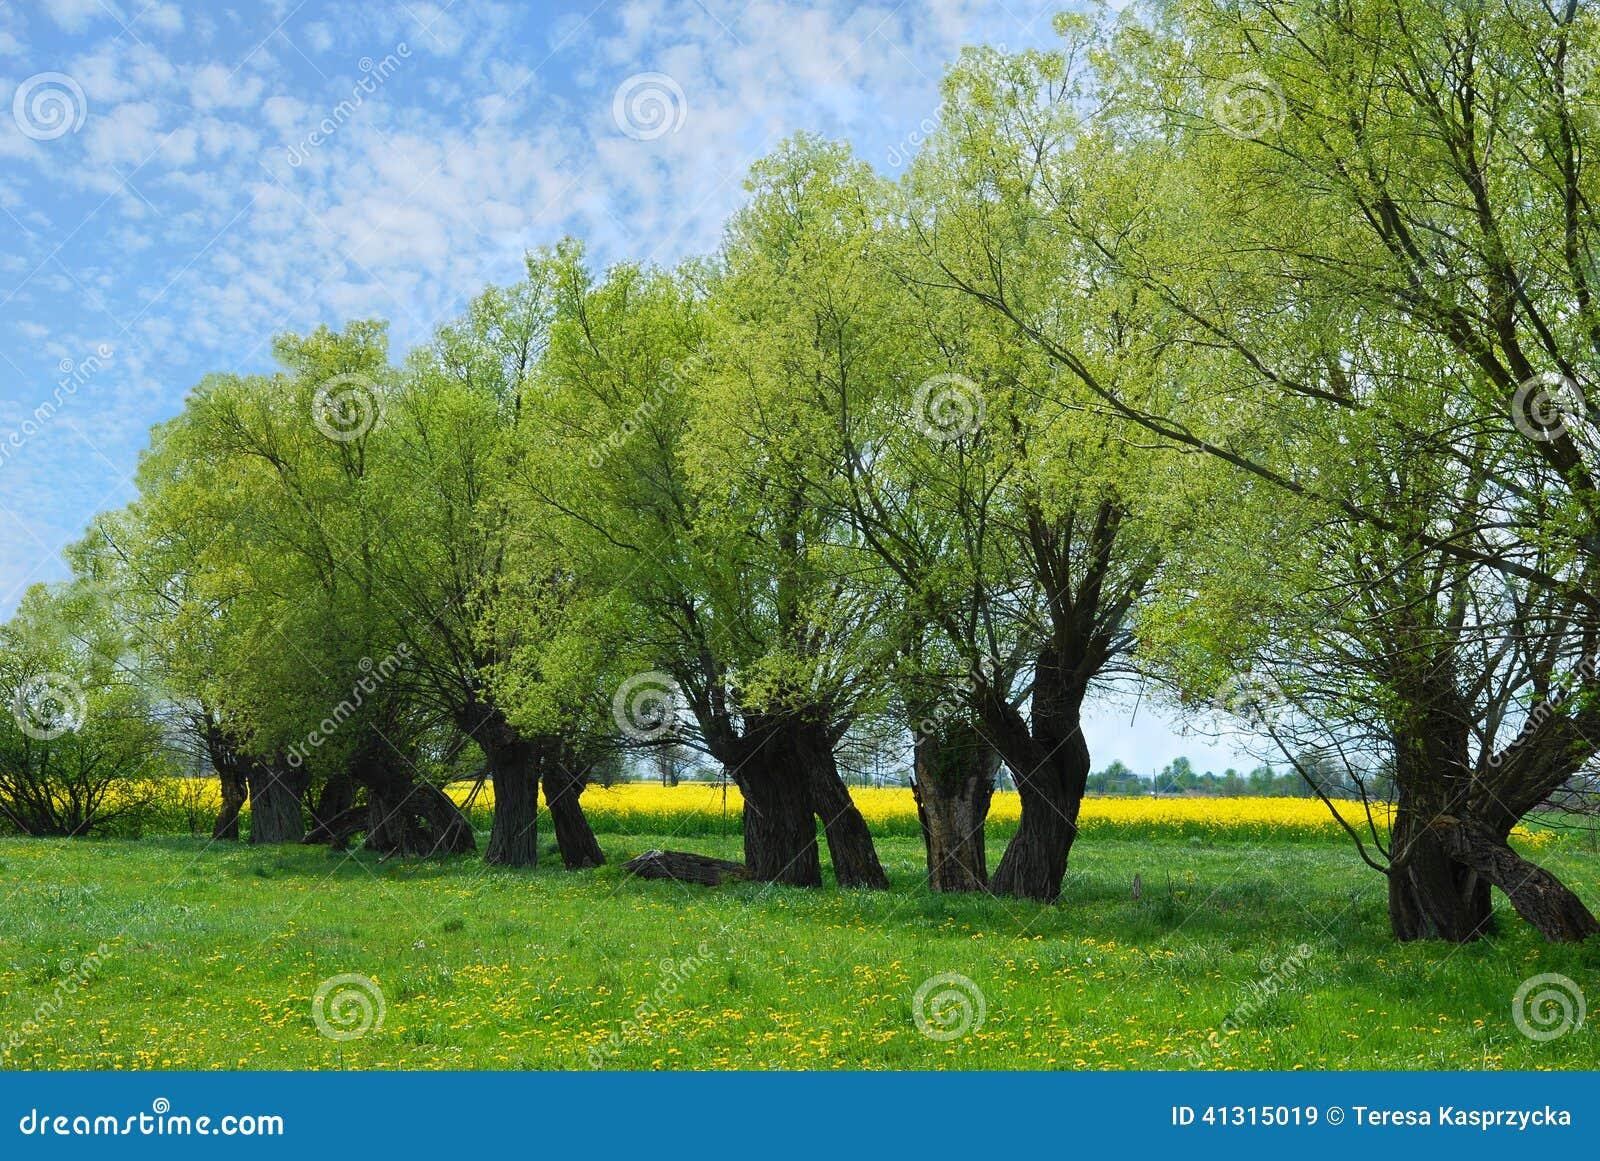 beautiful yellow field landscape - photo #39